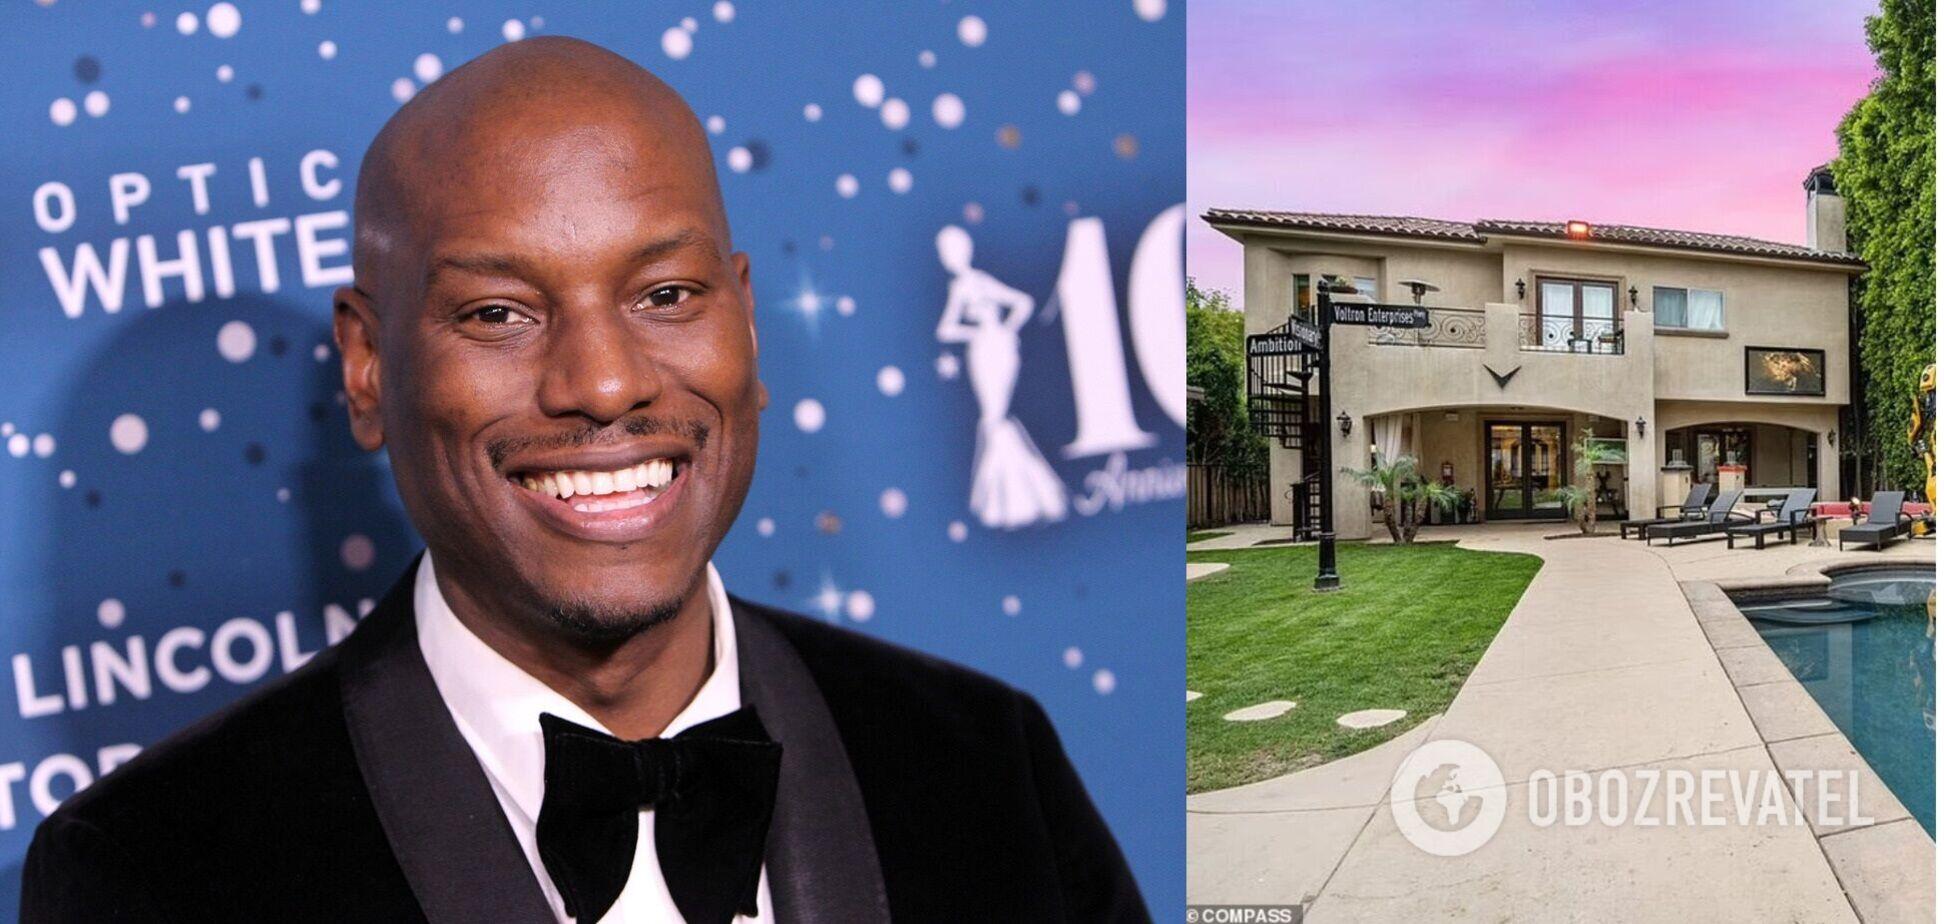 Зірка «Трансформерів» виставив на продаж свій будинок в Лос-Анджелесі